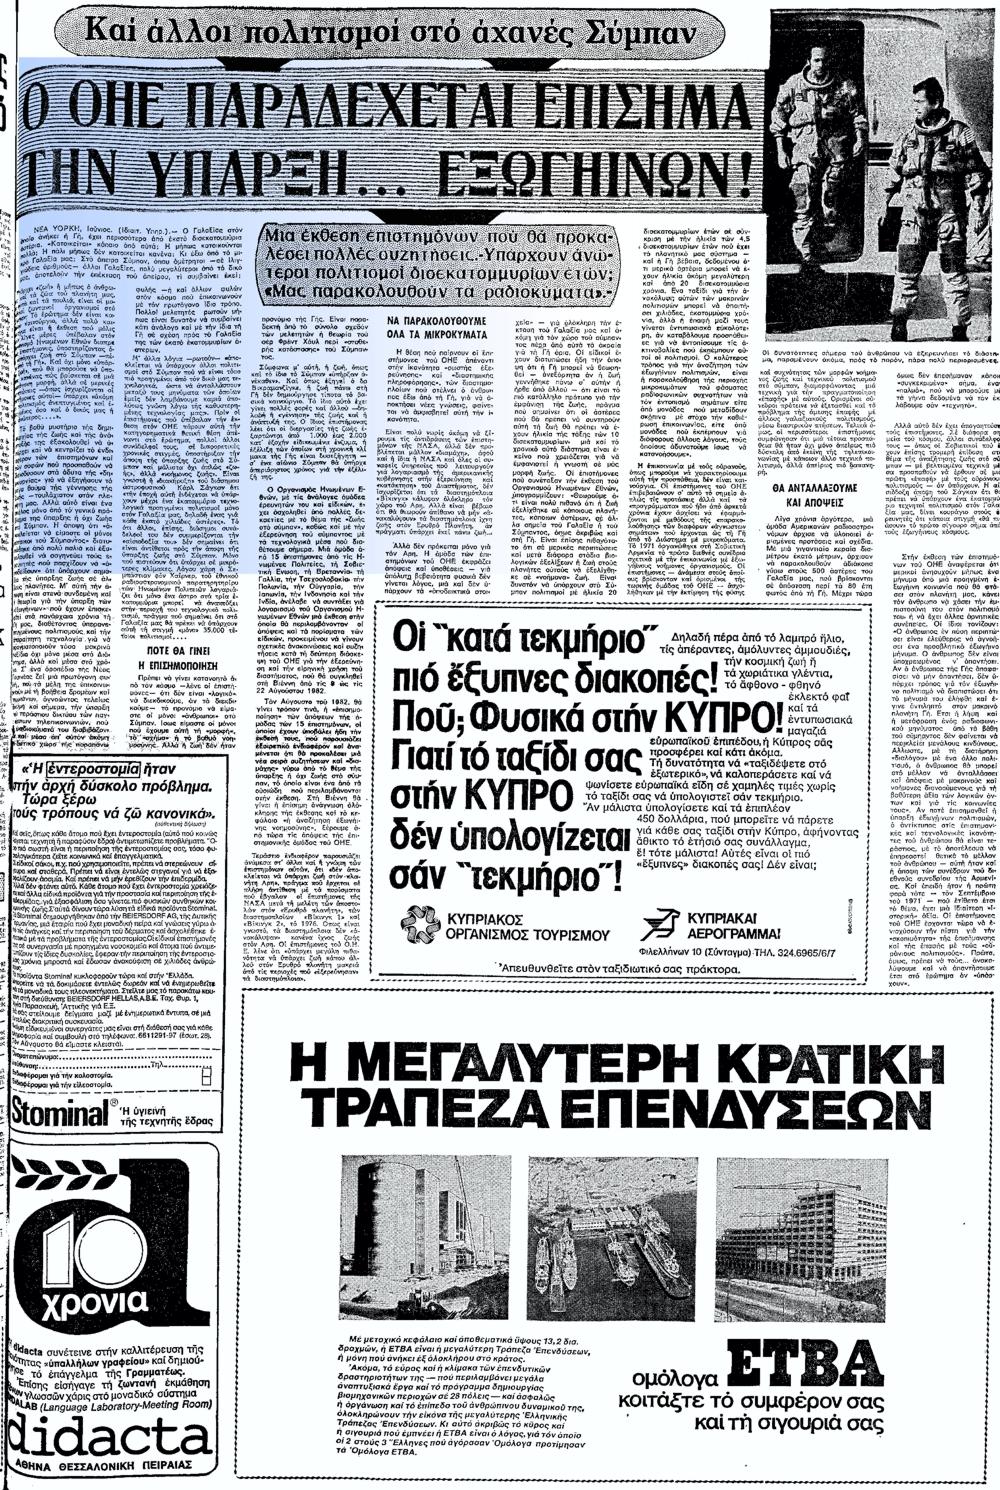 """Το άρθρο, όπως δημοσιεύθηκε στην εφημερίδα """"ΜΑΚΕΔΟΝΙΑ"""", στις 21/06/1981"""